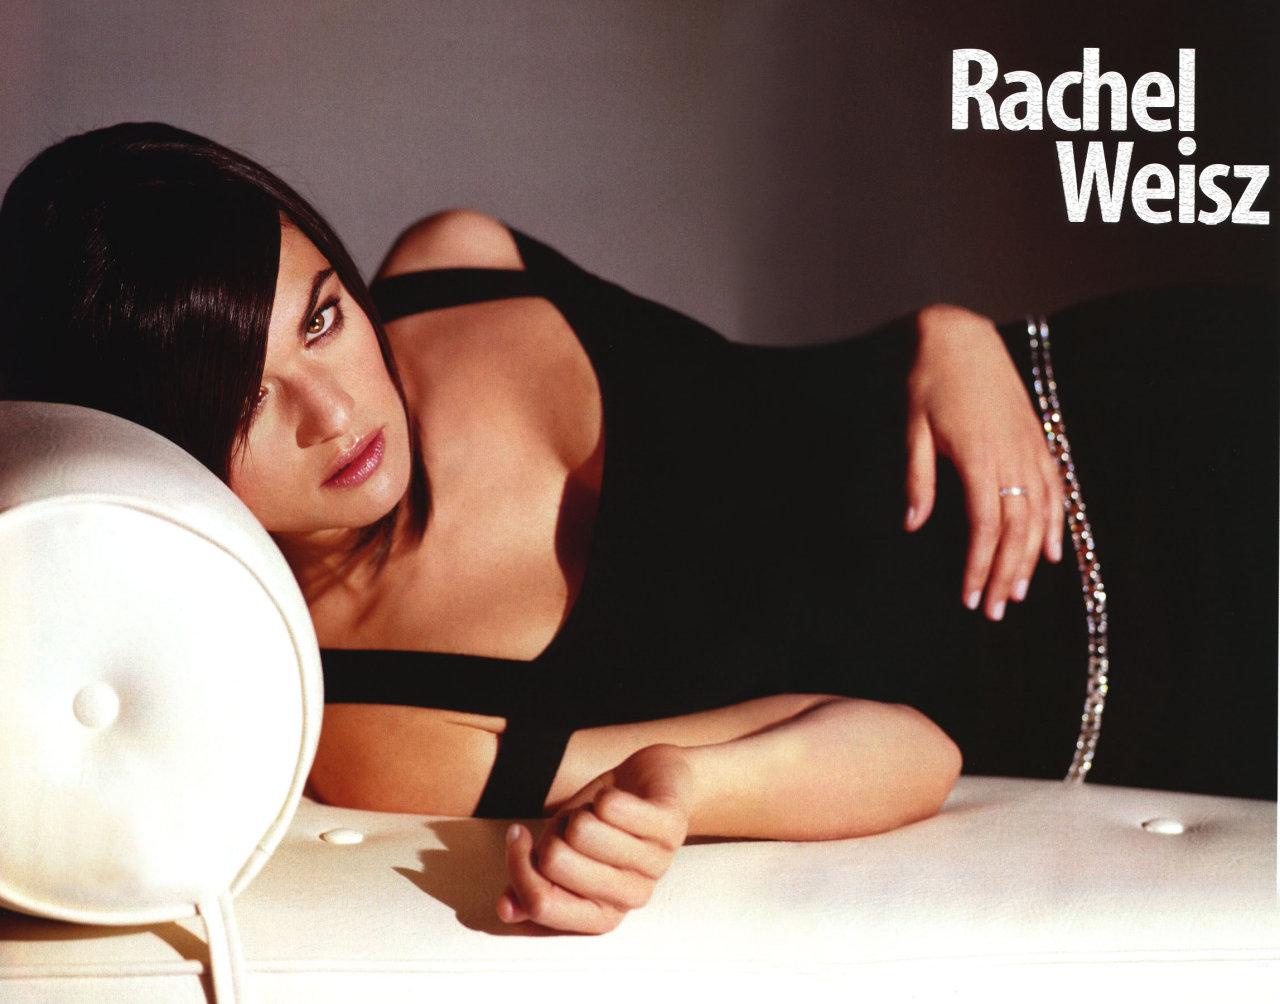 Rachel weisz amp rachel mcadams sex scenes in disobedience